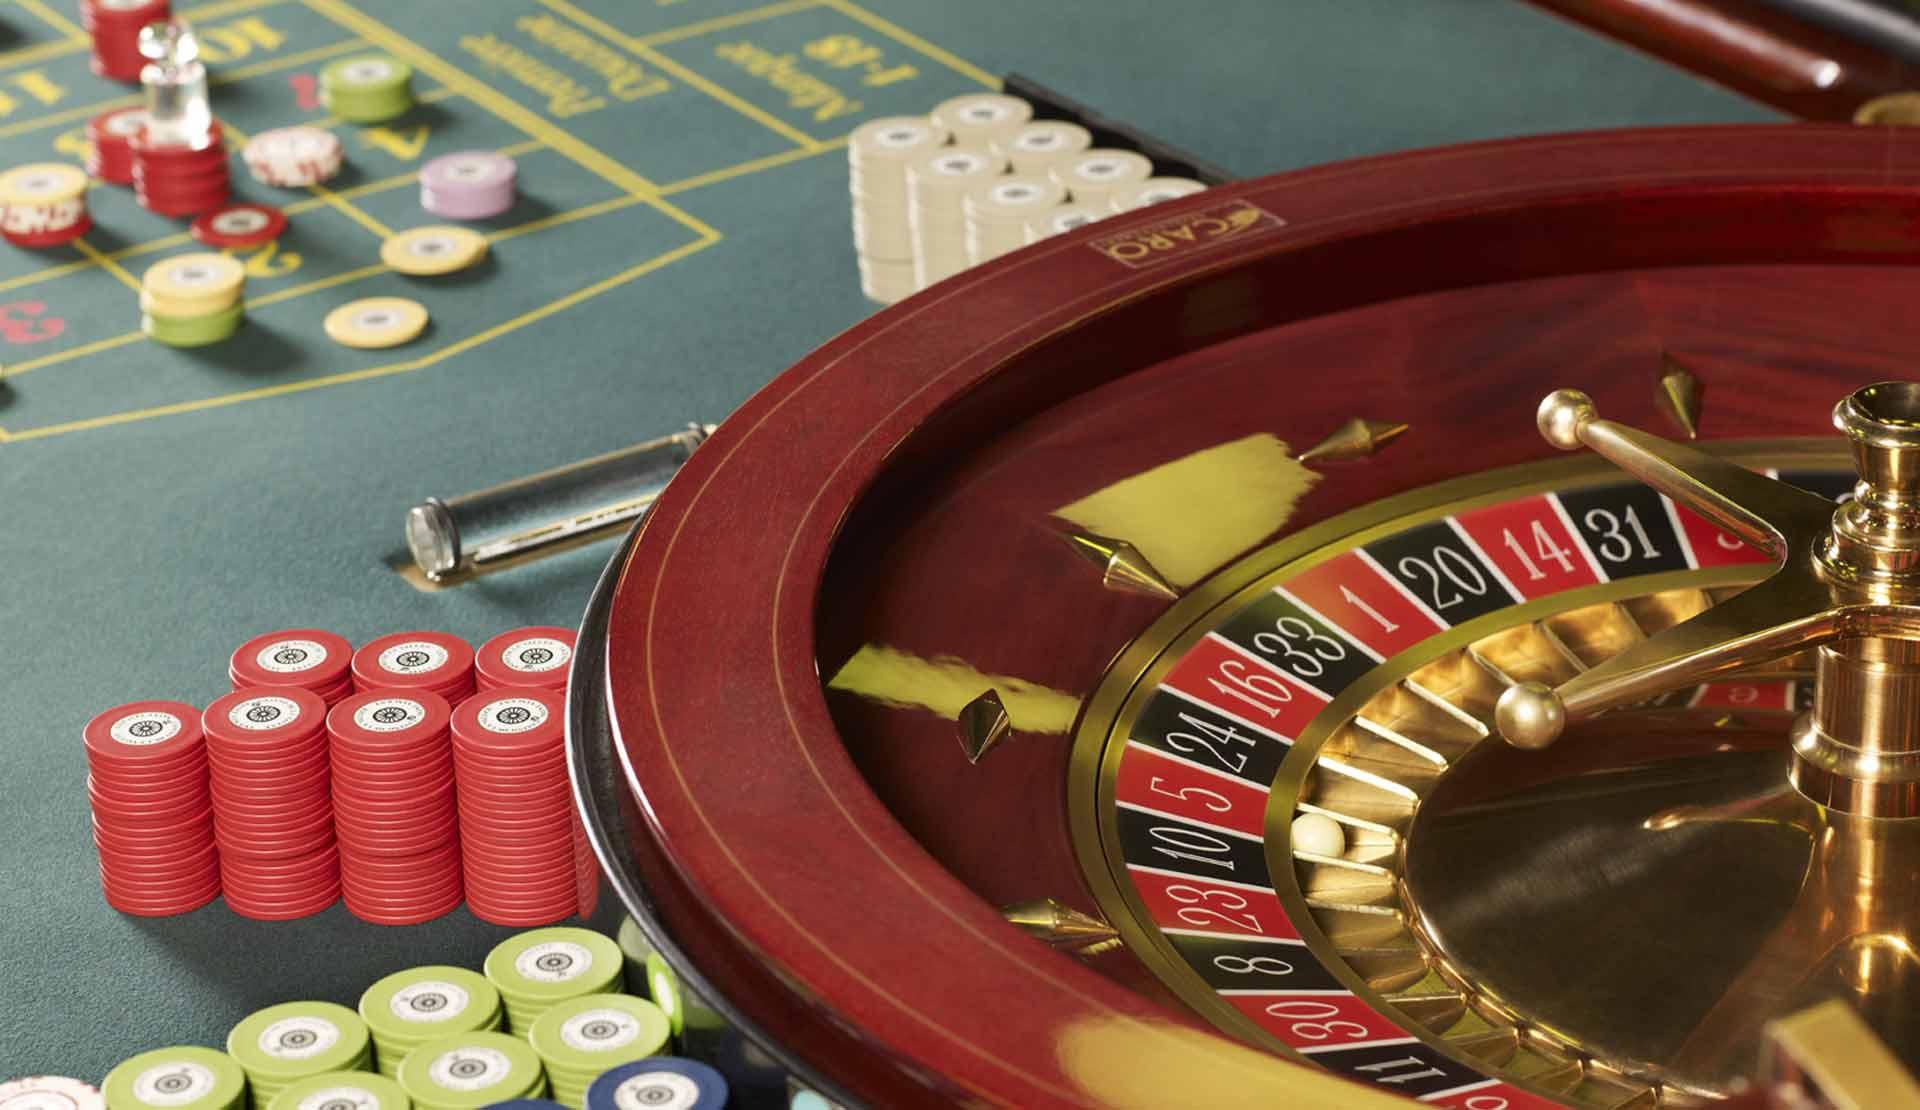 интернет казино golden games ru, рулетка азартные игры acancy/c4